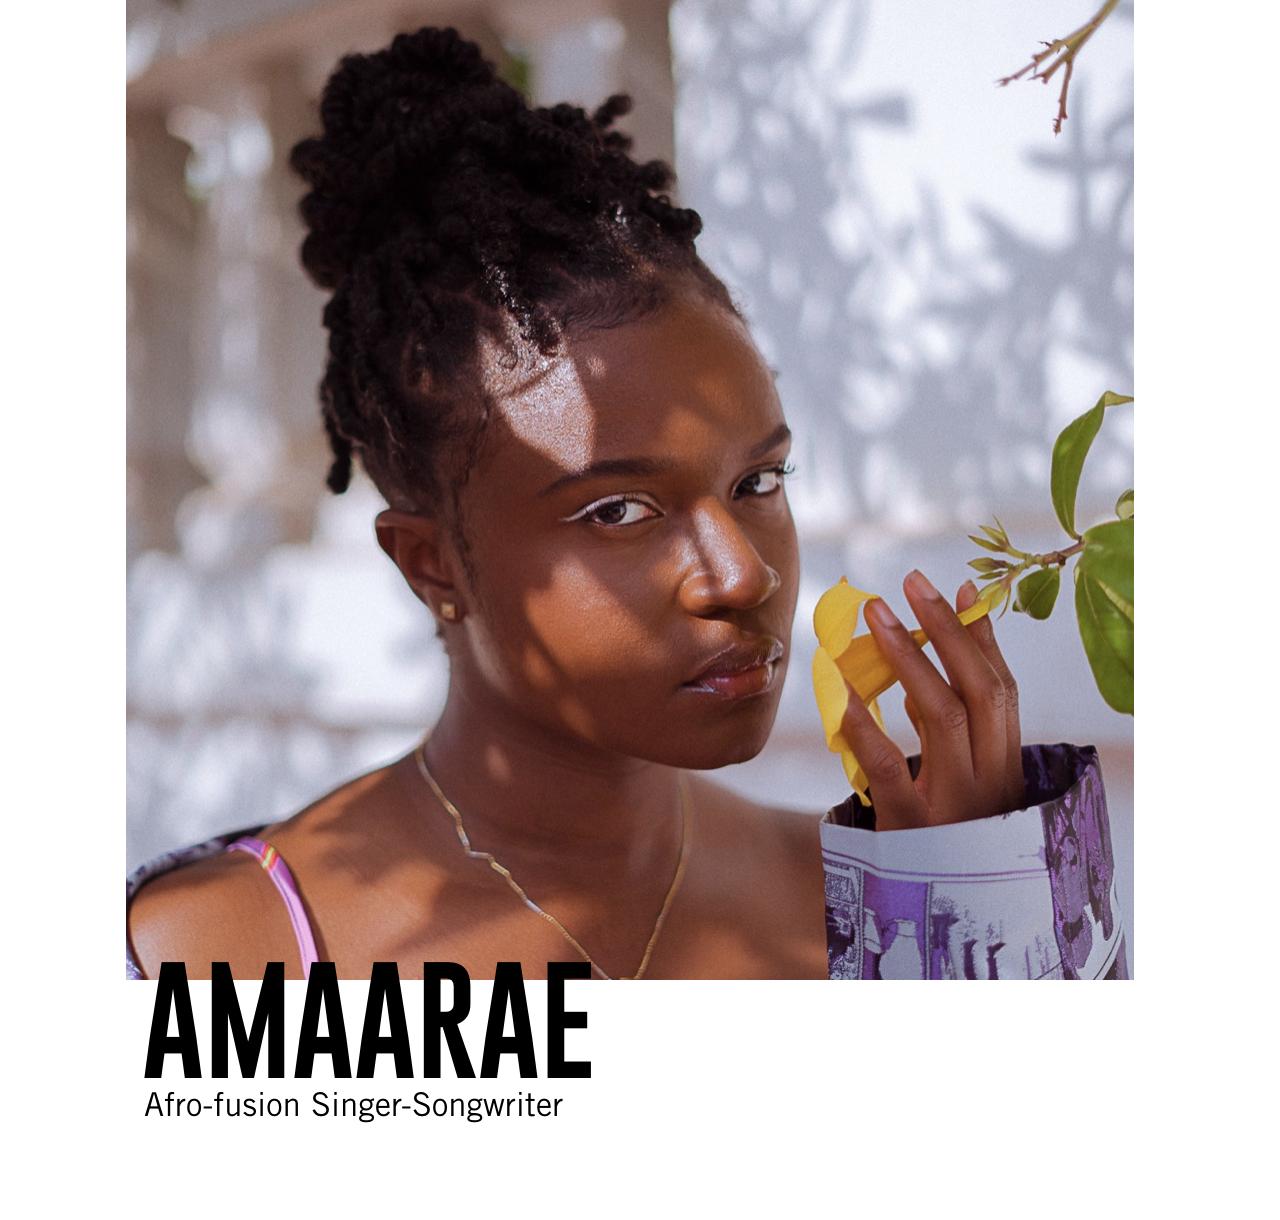 Amaarae